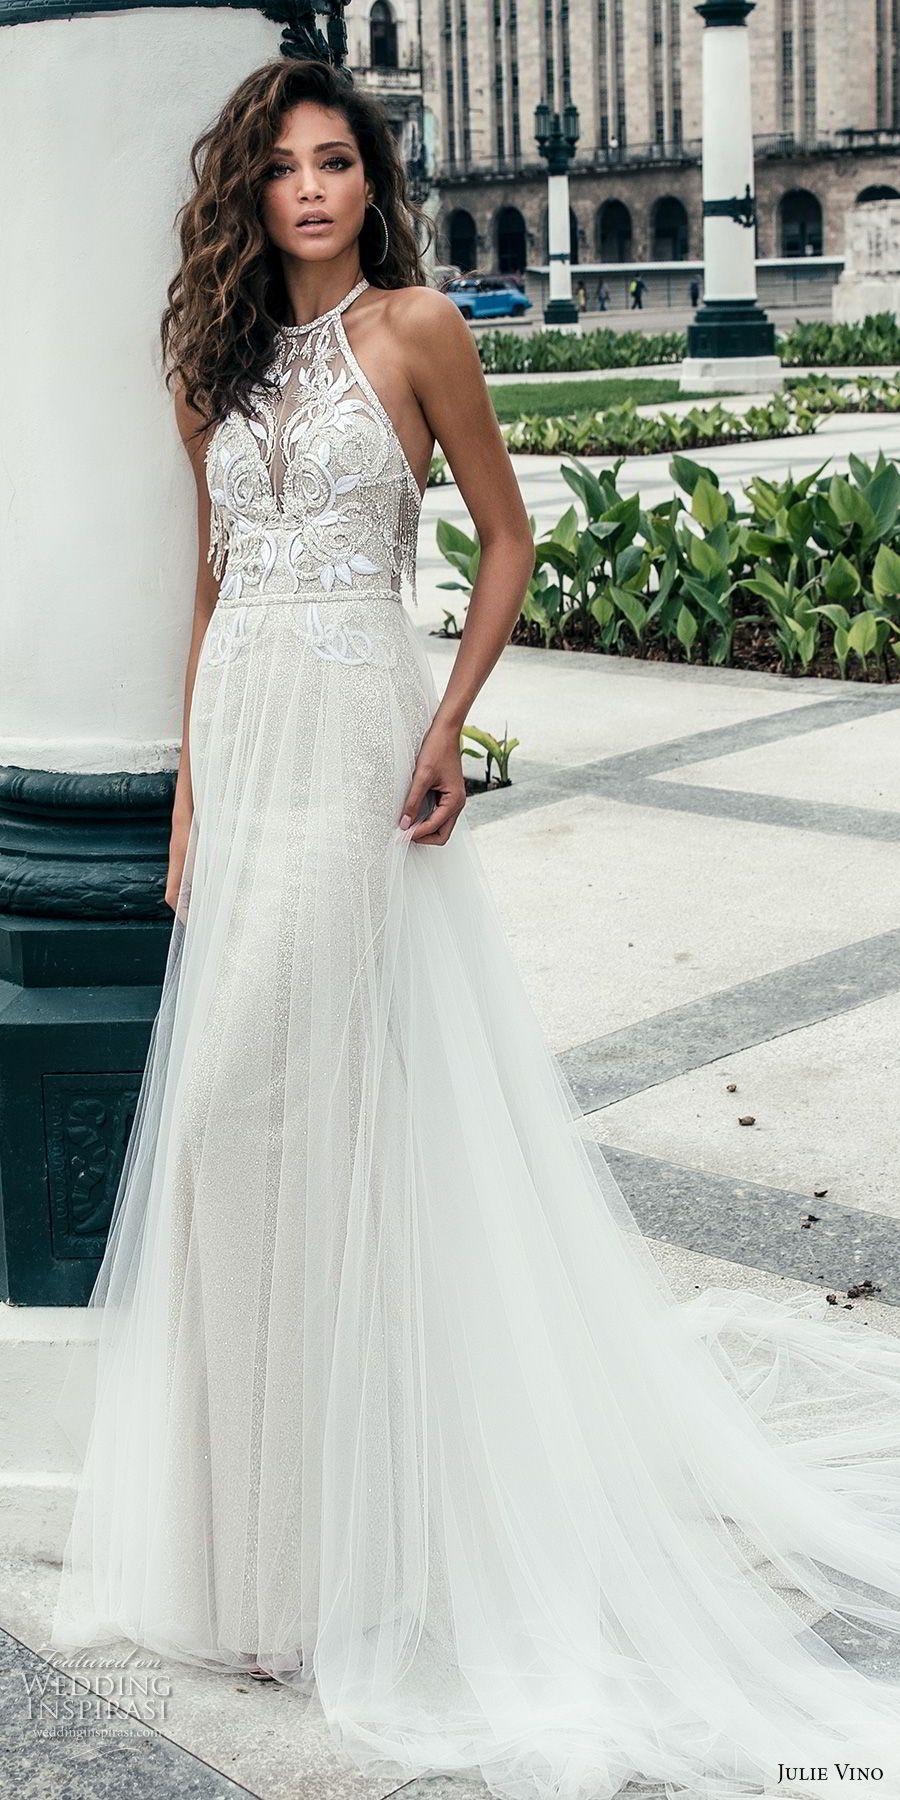 Julie Vino Herbst 2018 Brautkleider | hochzeit | Pinterest ...